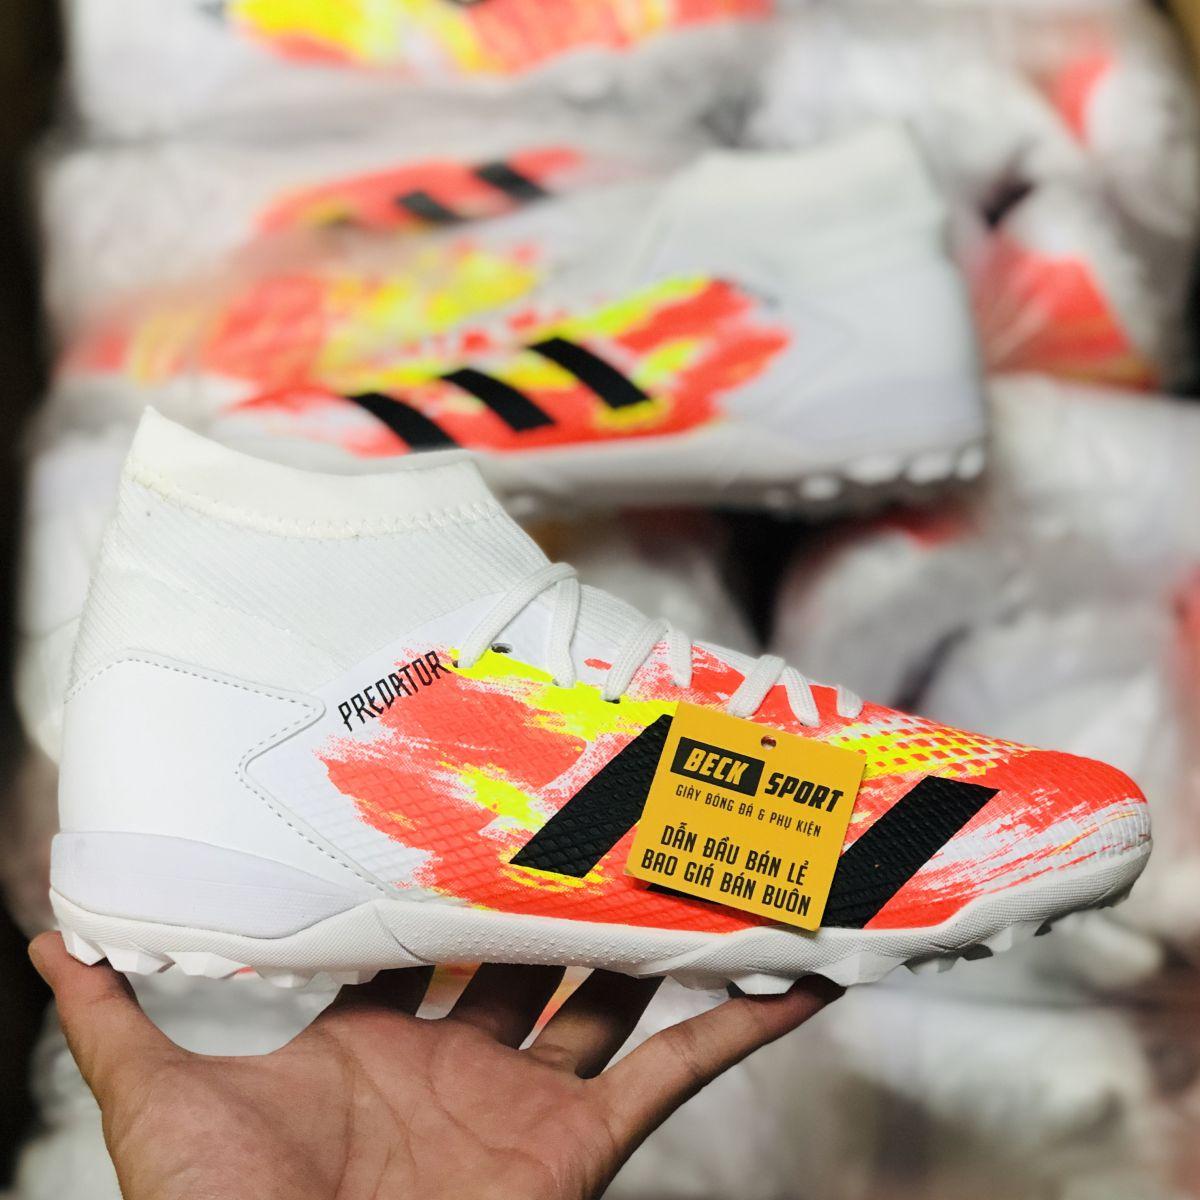 Giày Bóng Đá Adidas Predator 20.3 Uniforia Đỏ Vàng Gót Trắng Vạch Đen Cao Cổ HQ TF